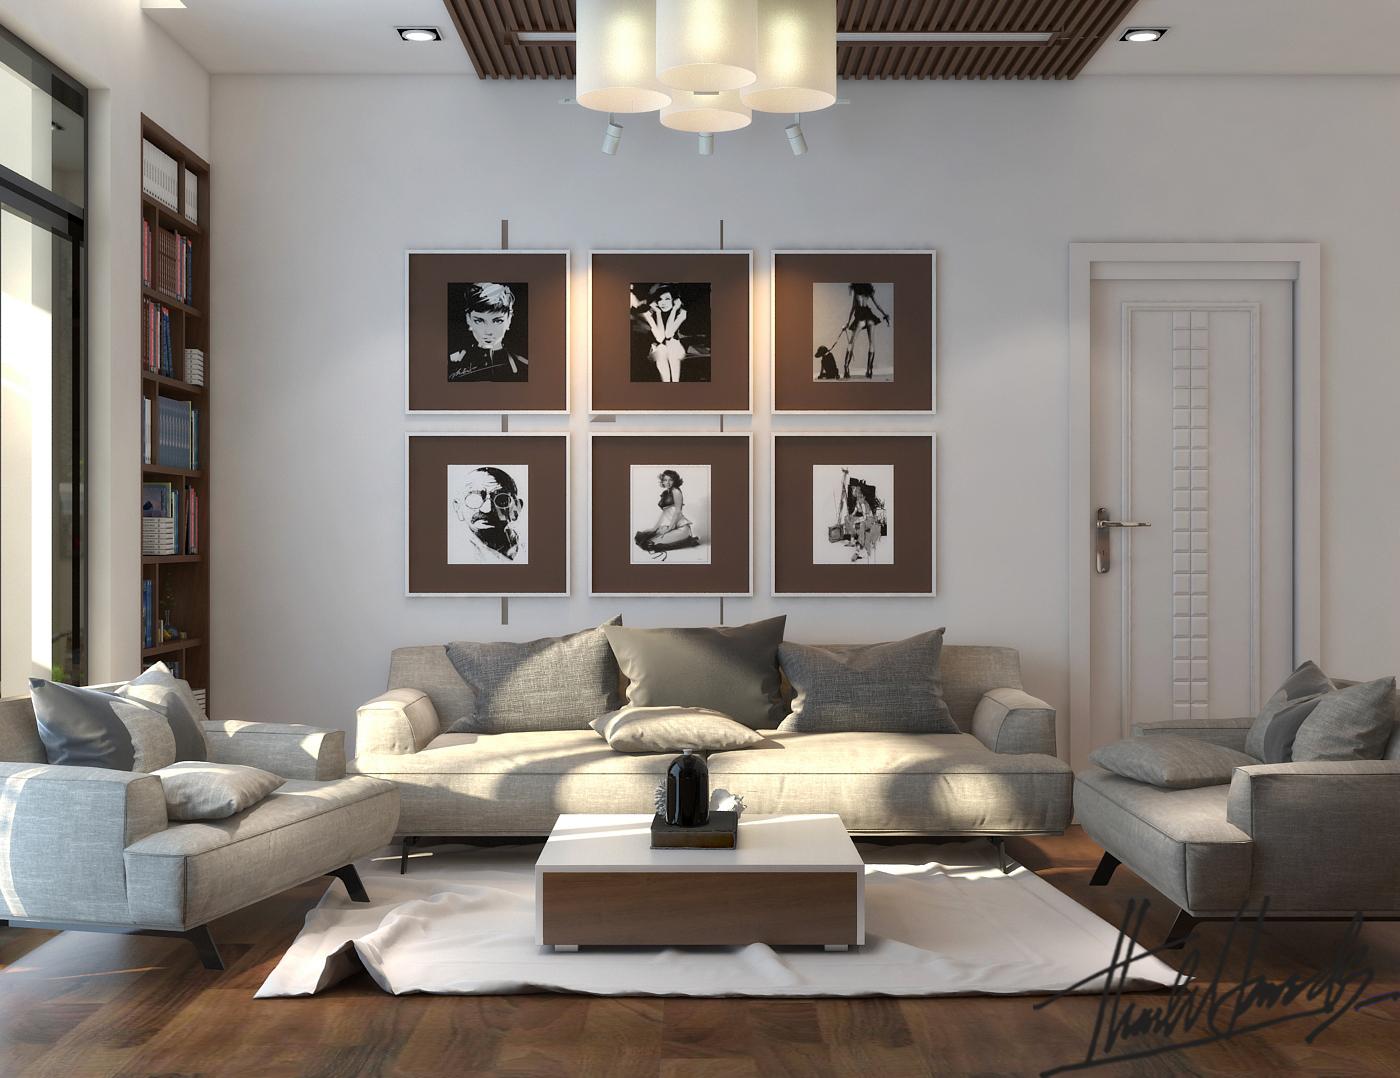 thiết kế nội thất chung cư tại Hà Nội chung cư roya city 2 1568274323